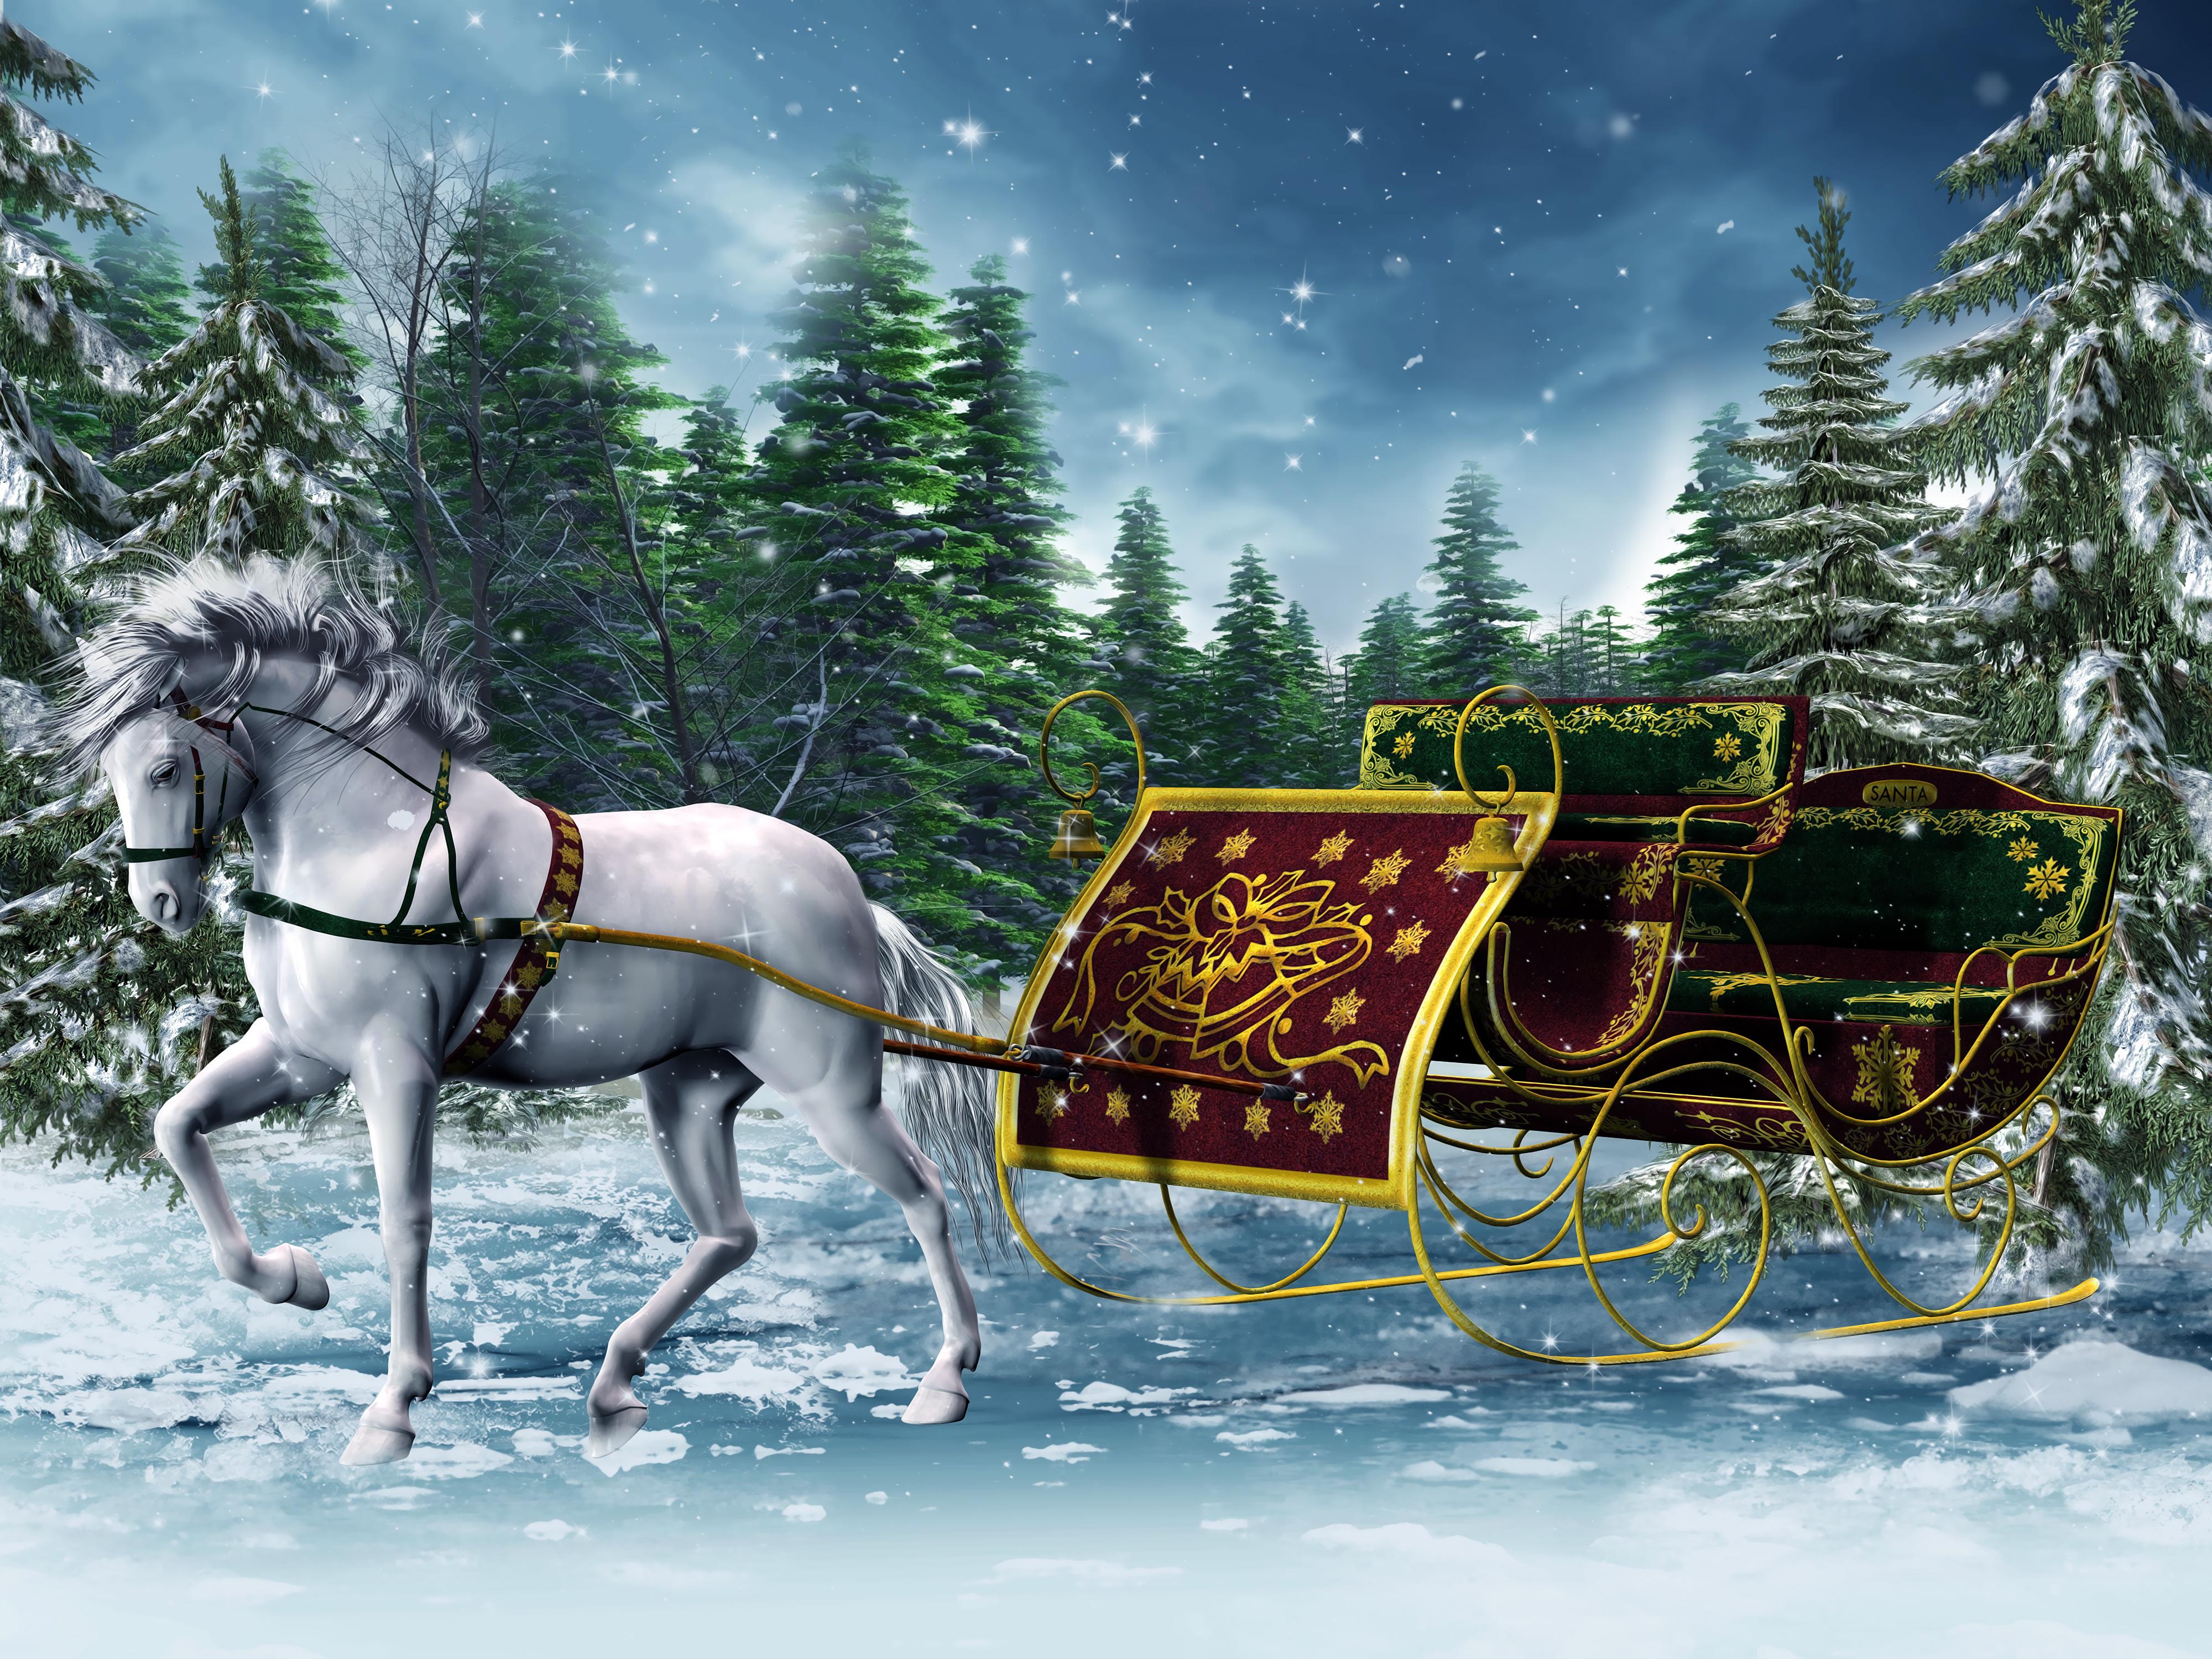 Sleigh 3d horse winter graphics wallpaper 4000x3000 228478 4000x3000